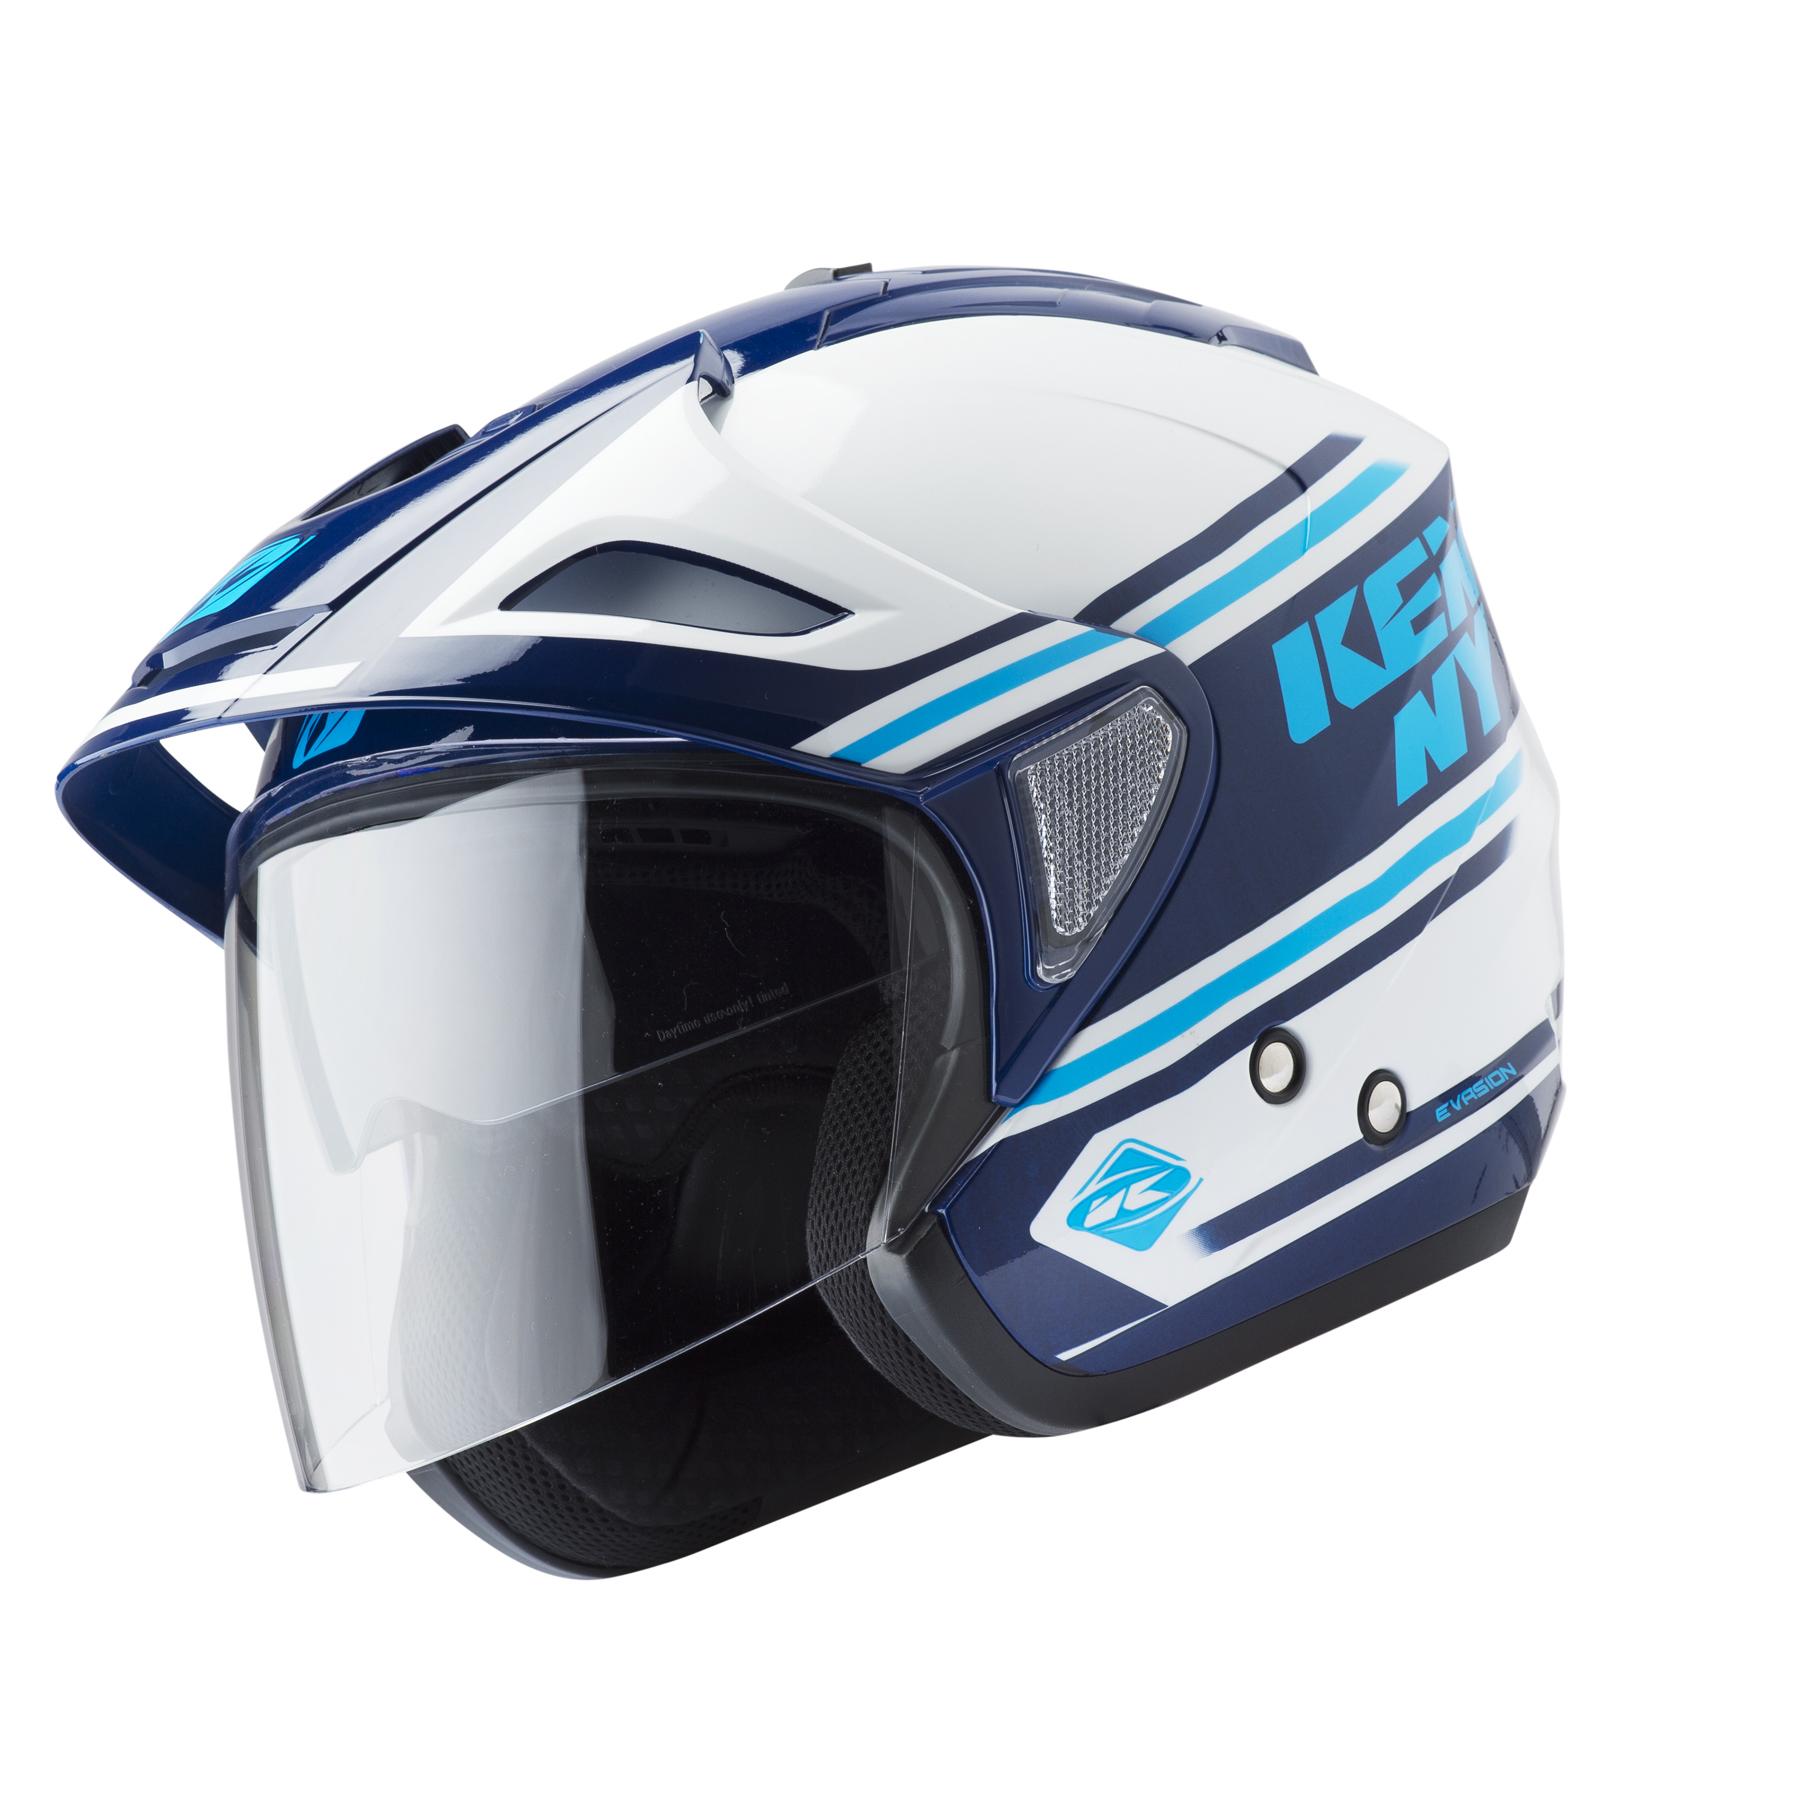 helmet evasion white blue navy kenny racing. Black Bedroom Furniture Sets. Home Design Ideas